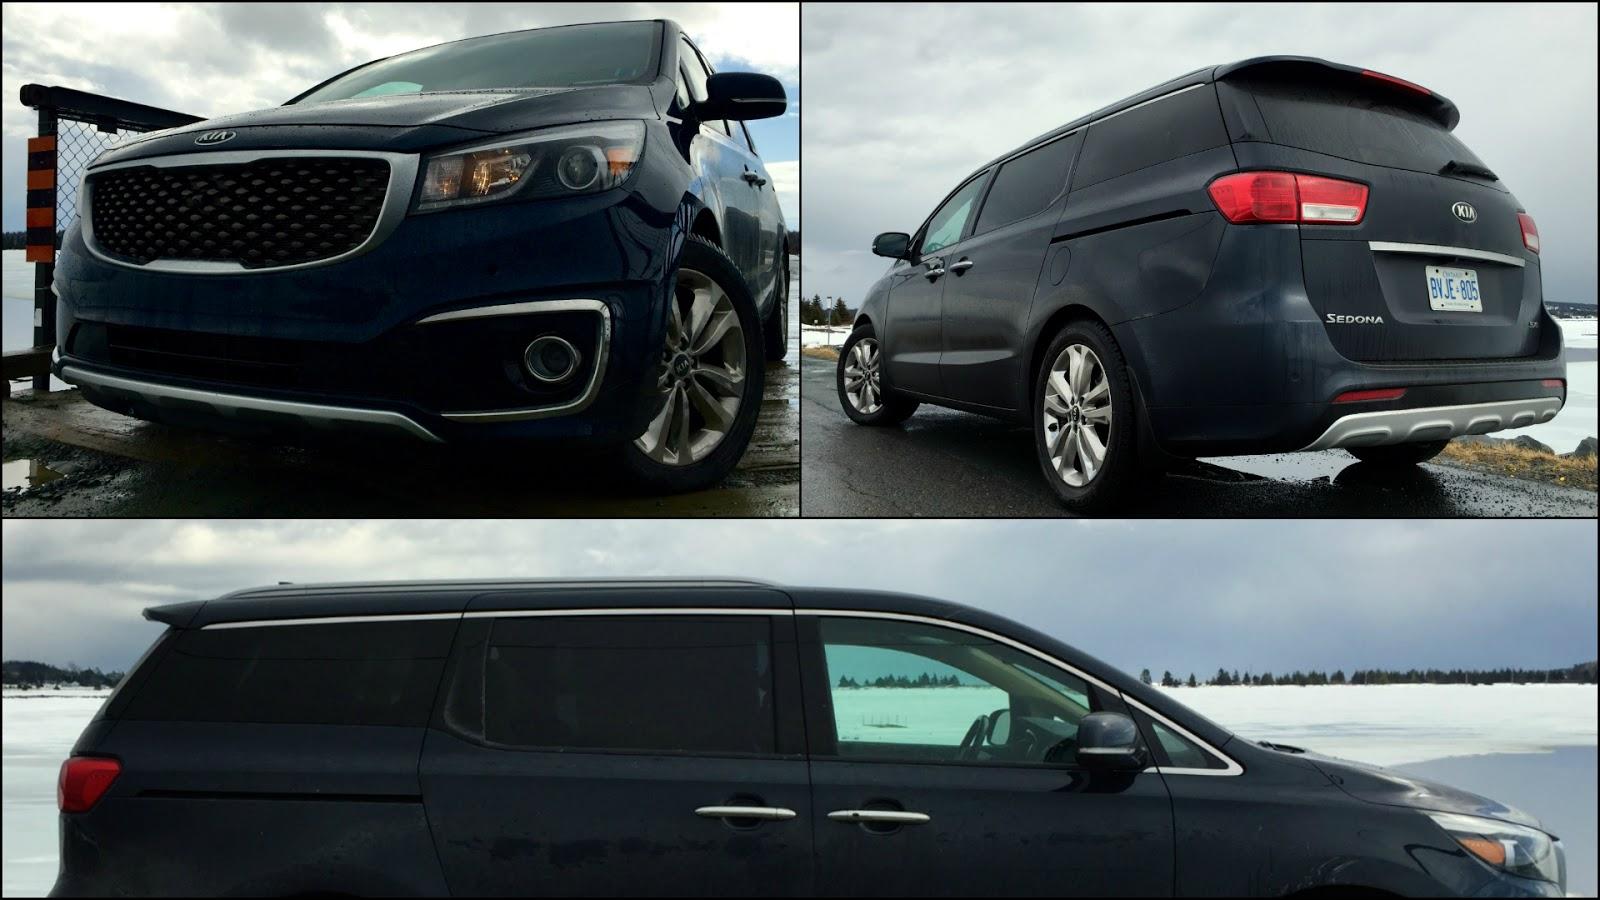 2015 Kia Sedona SXL+ exterior collage